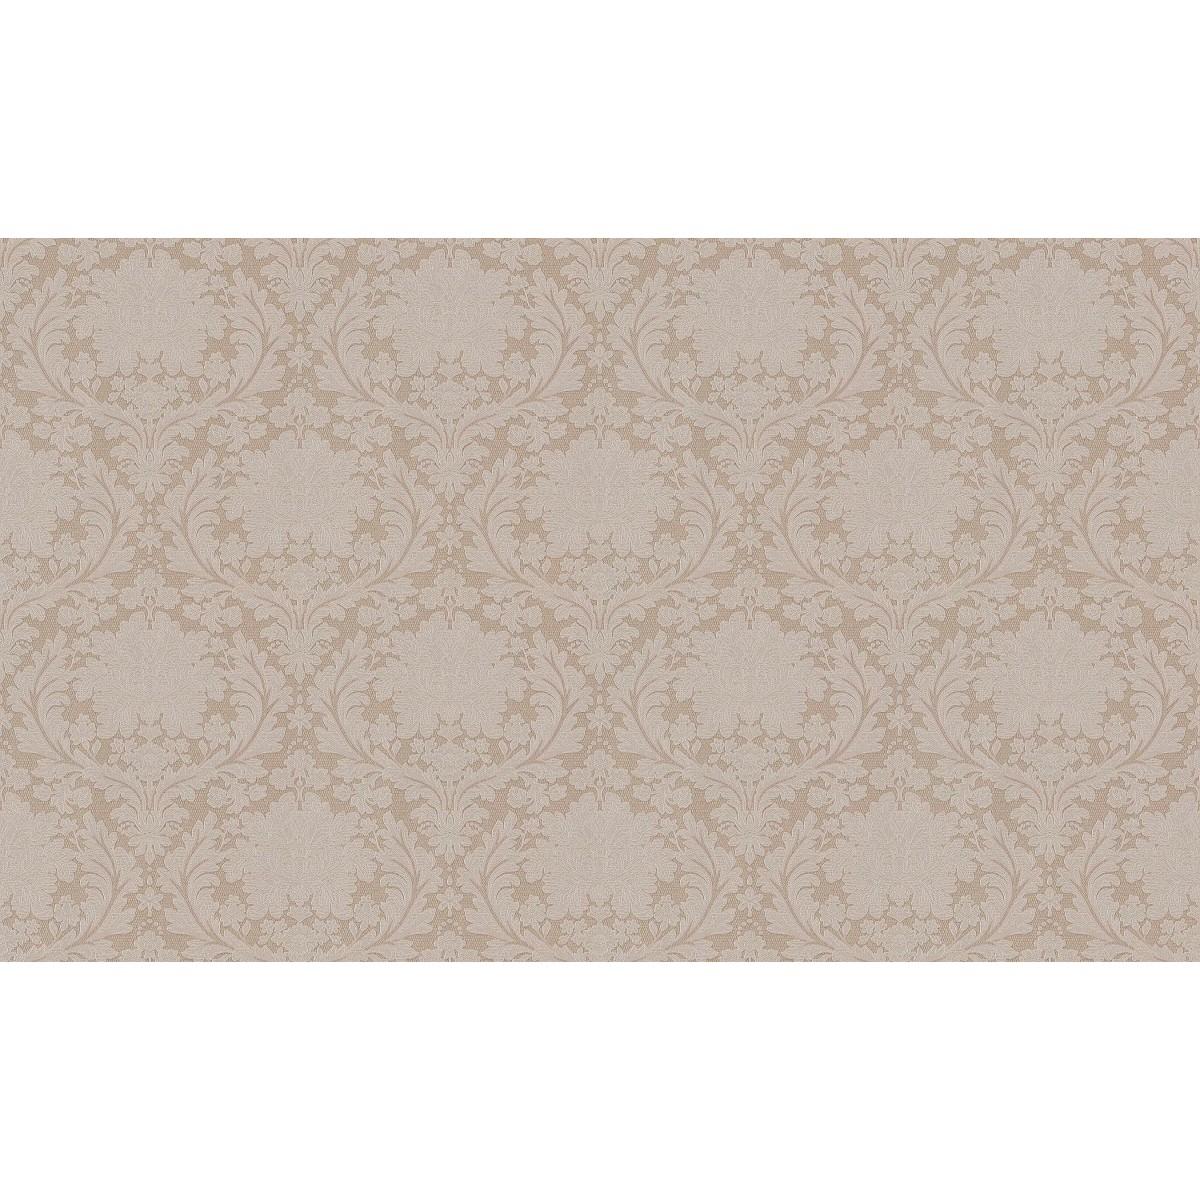 Обои флизелиновые Белвинил Романс коричневые 1.06 м 0274-63